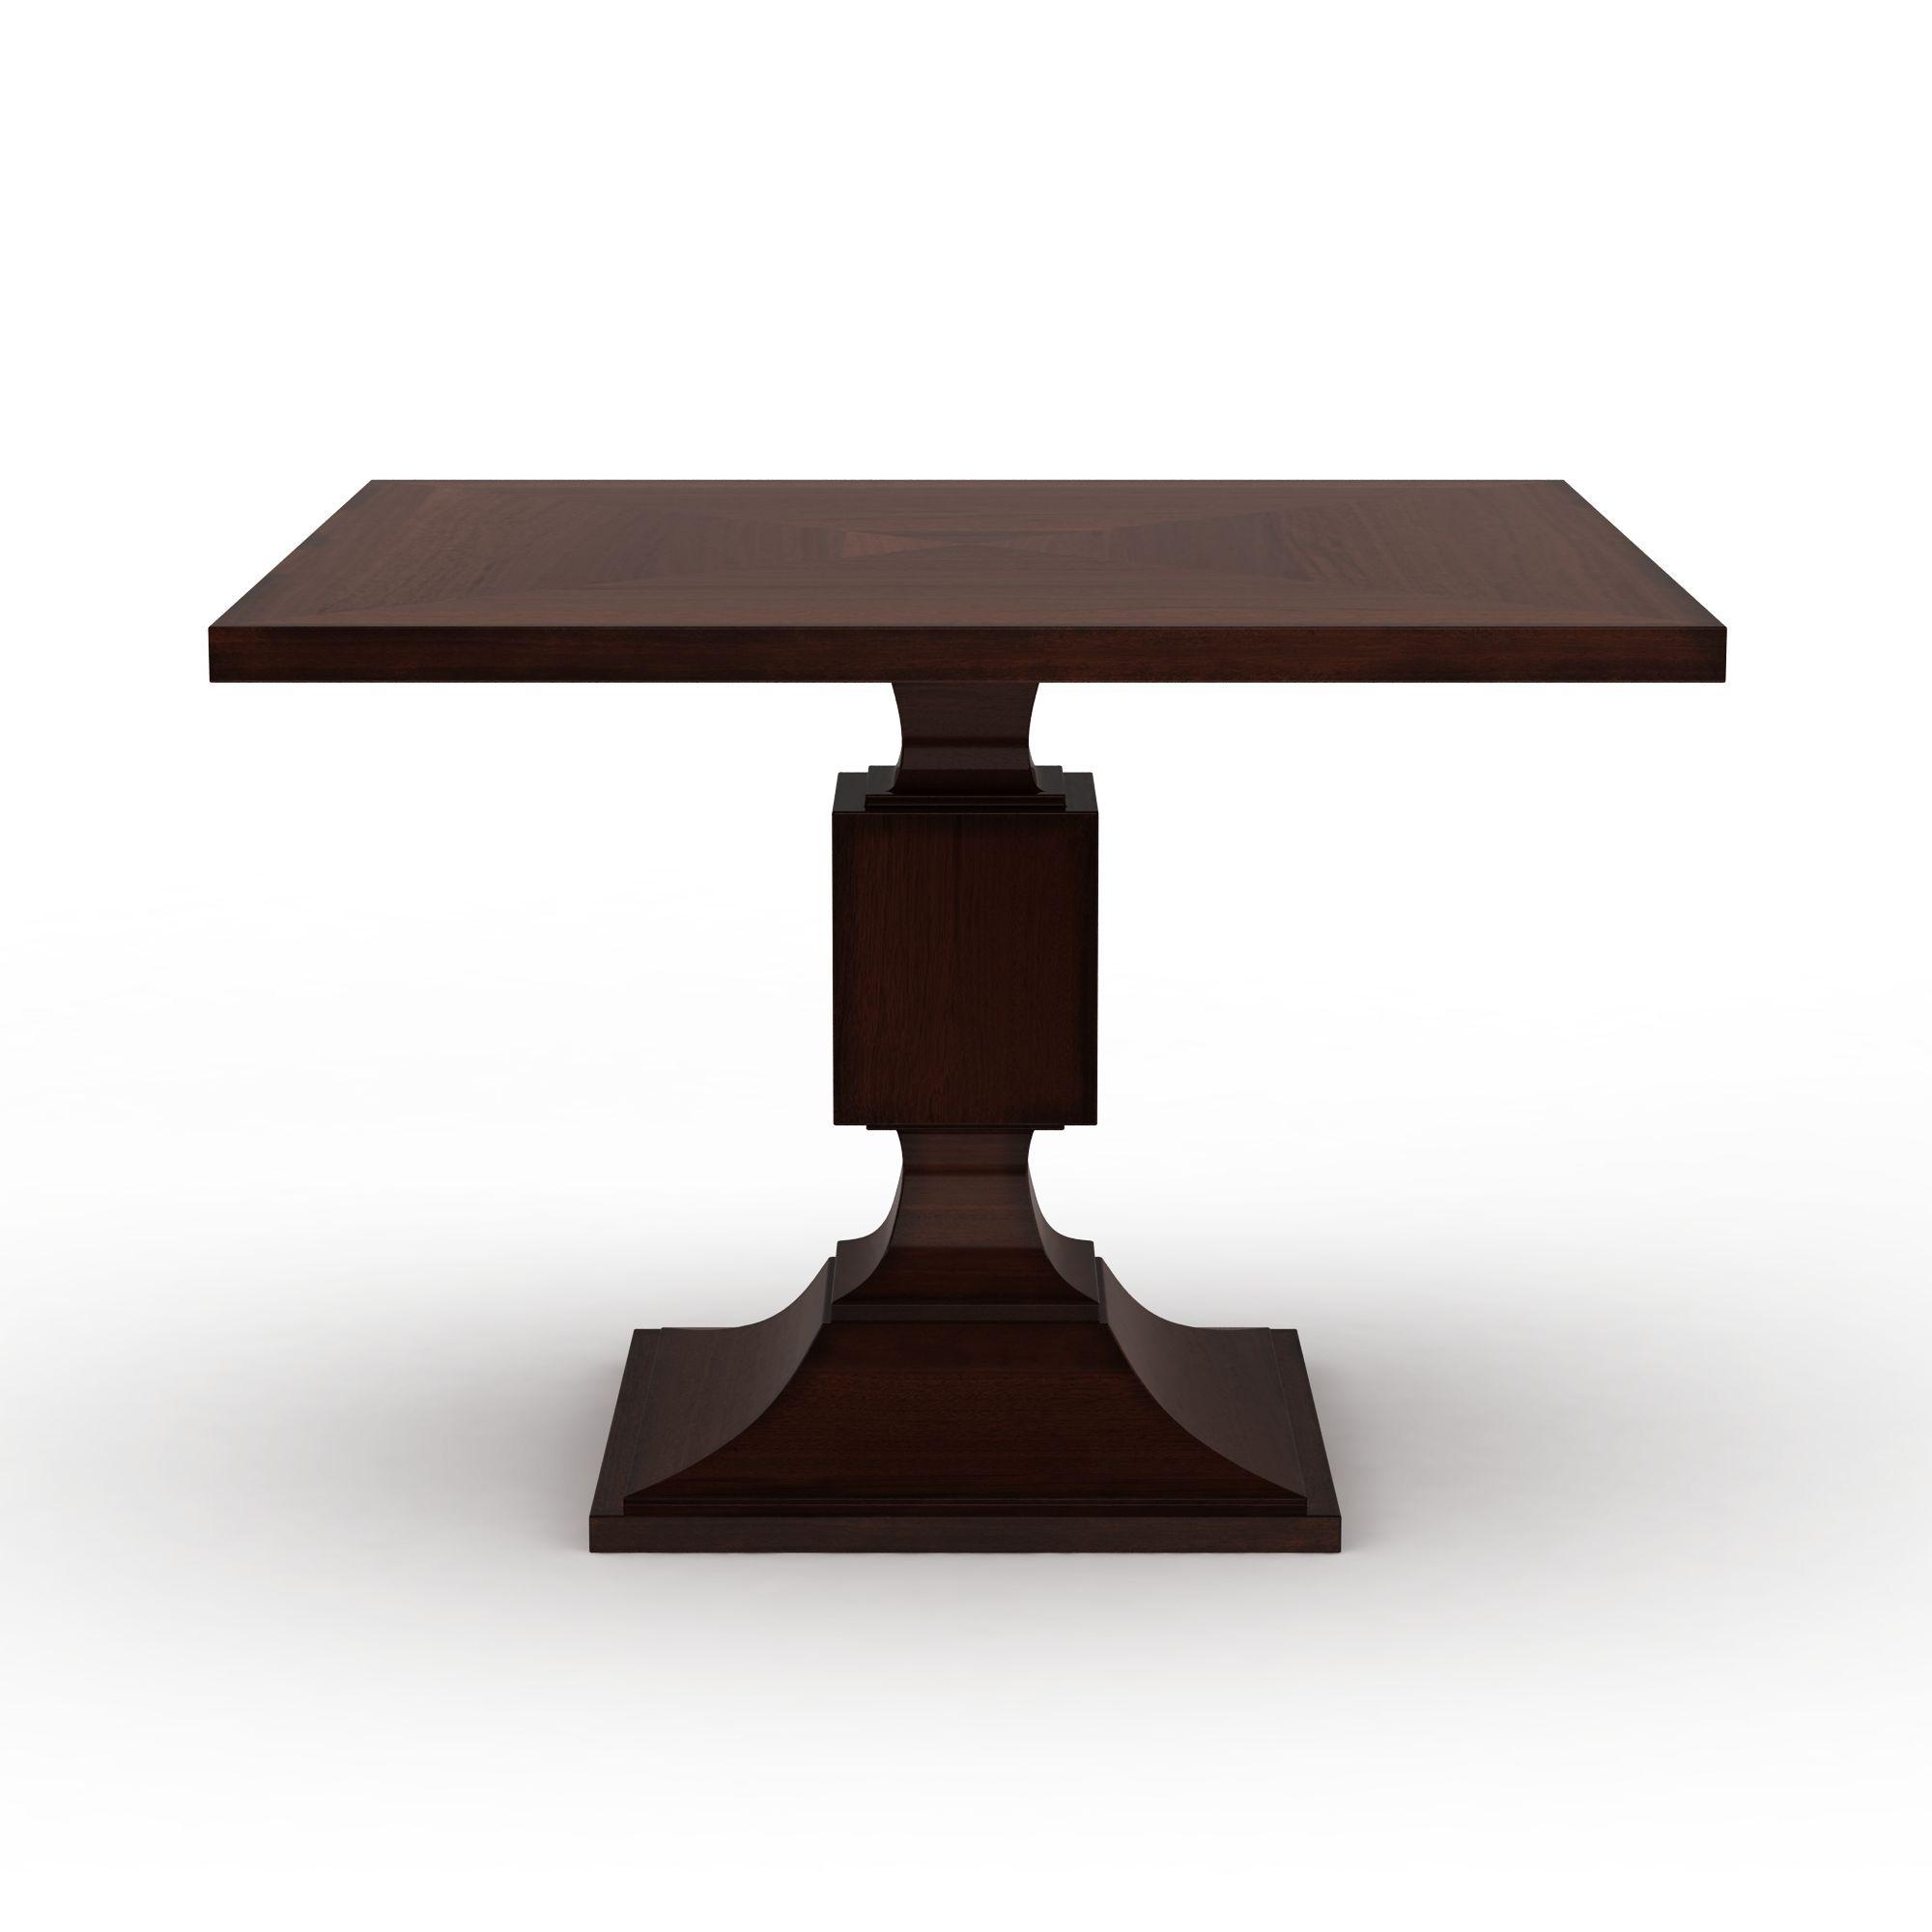 现代桌子图片_现代桌子png图片素材_现代桌子png高清